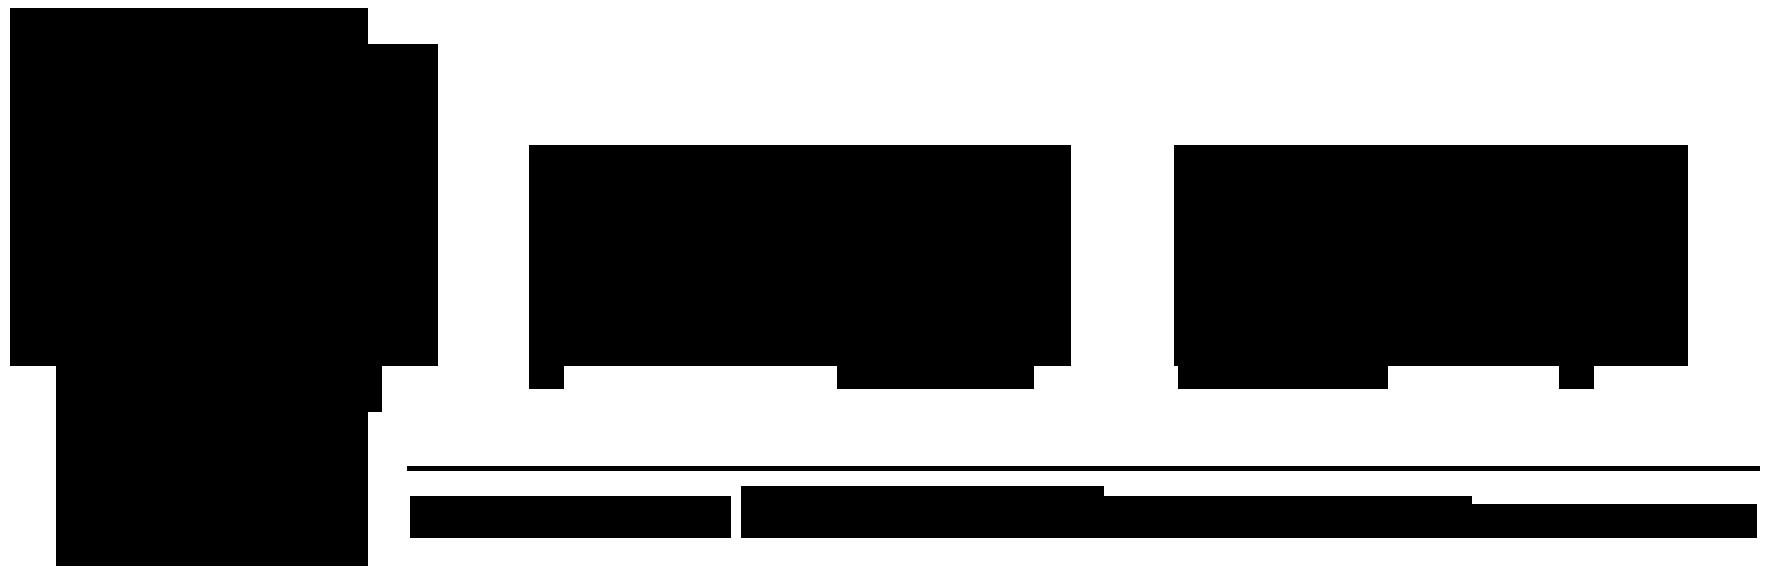 poprawne_pdut_logo_www